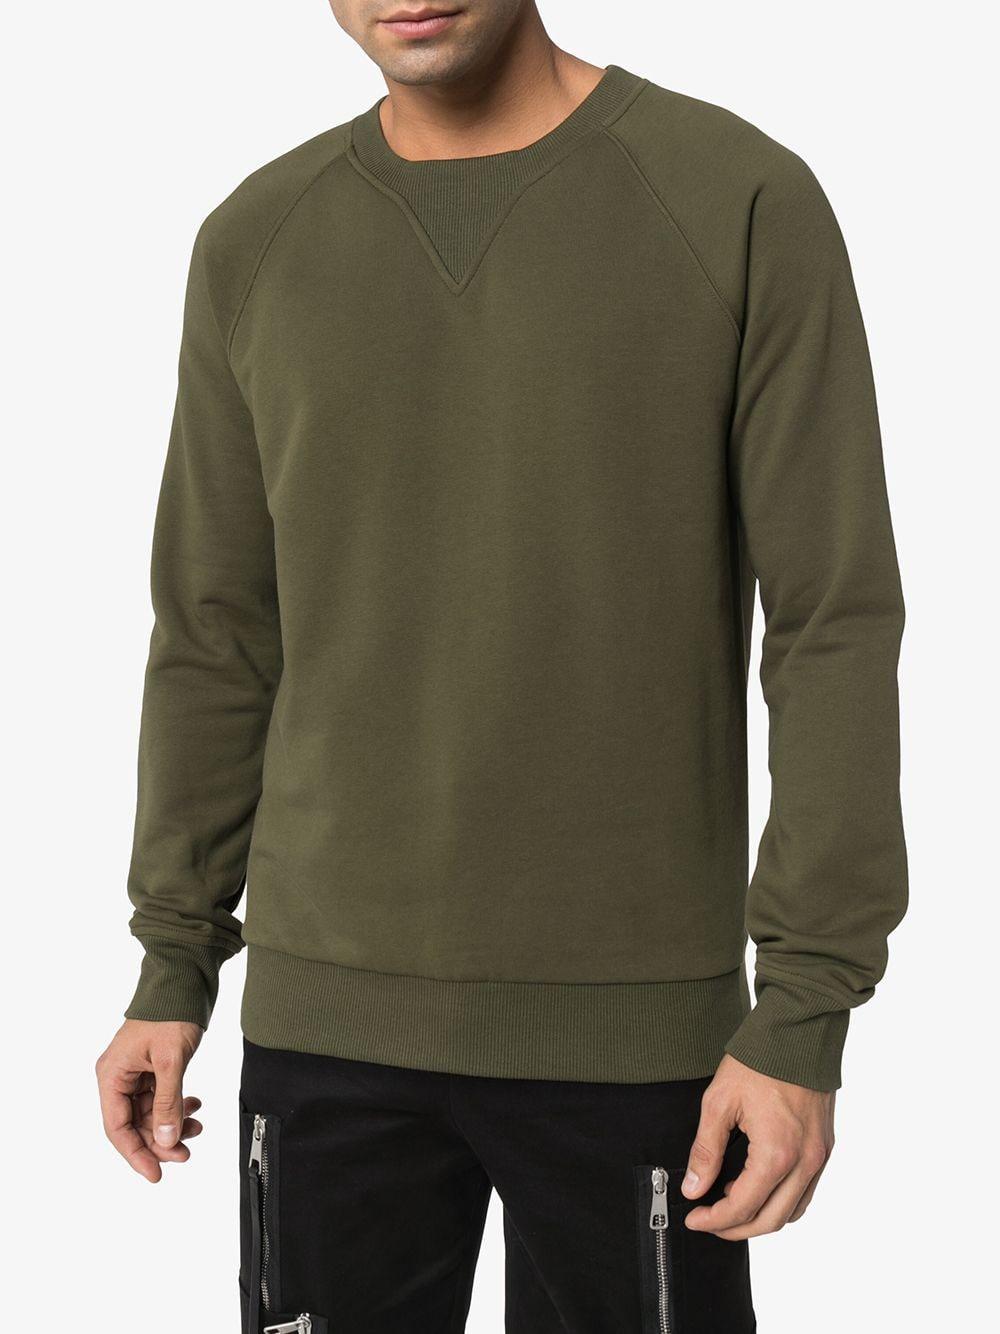 Balmain Katoen Sweater Met Ronde Hals in het Groen voor heren